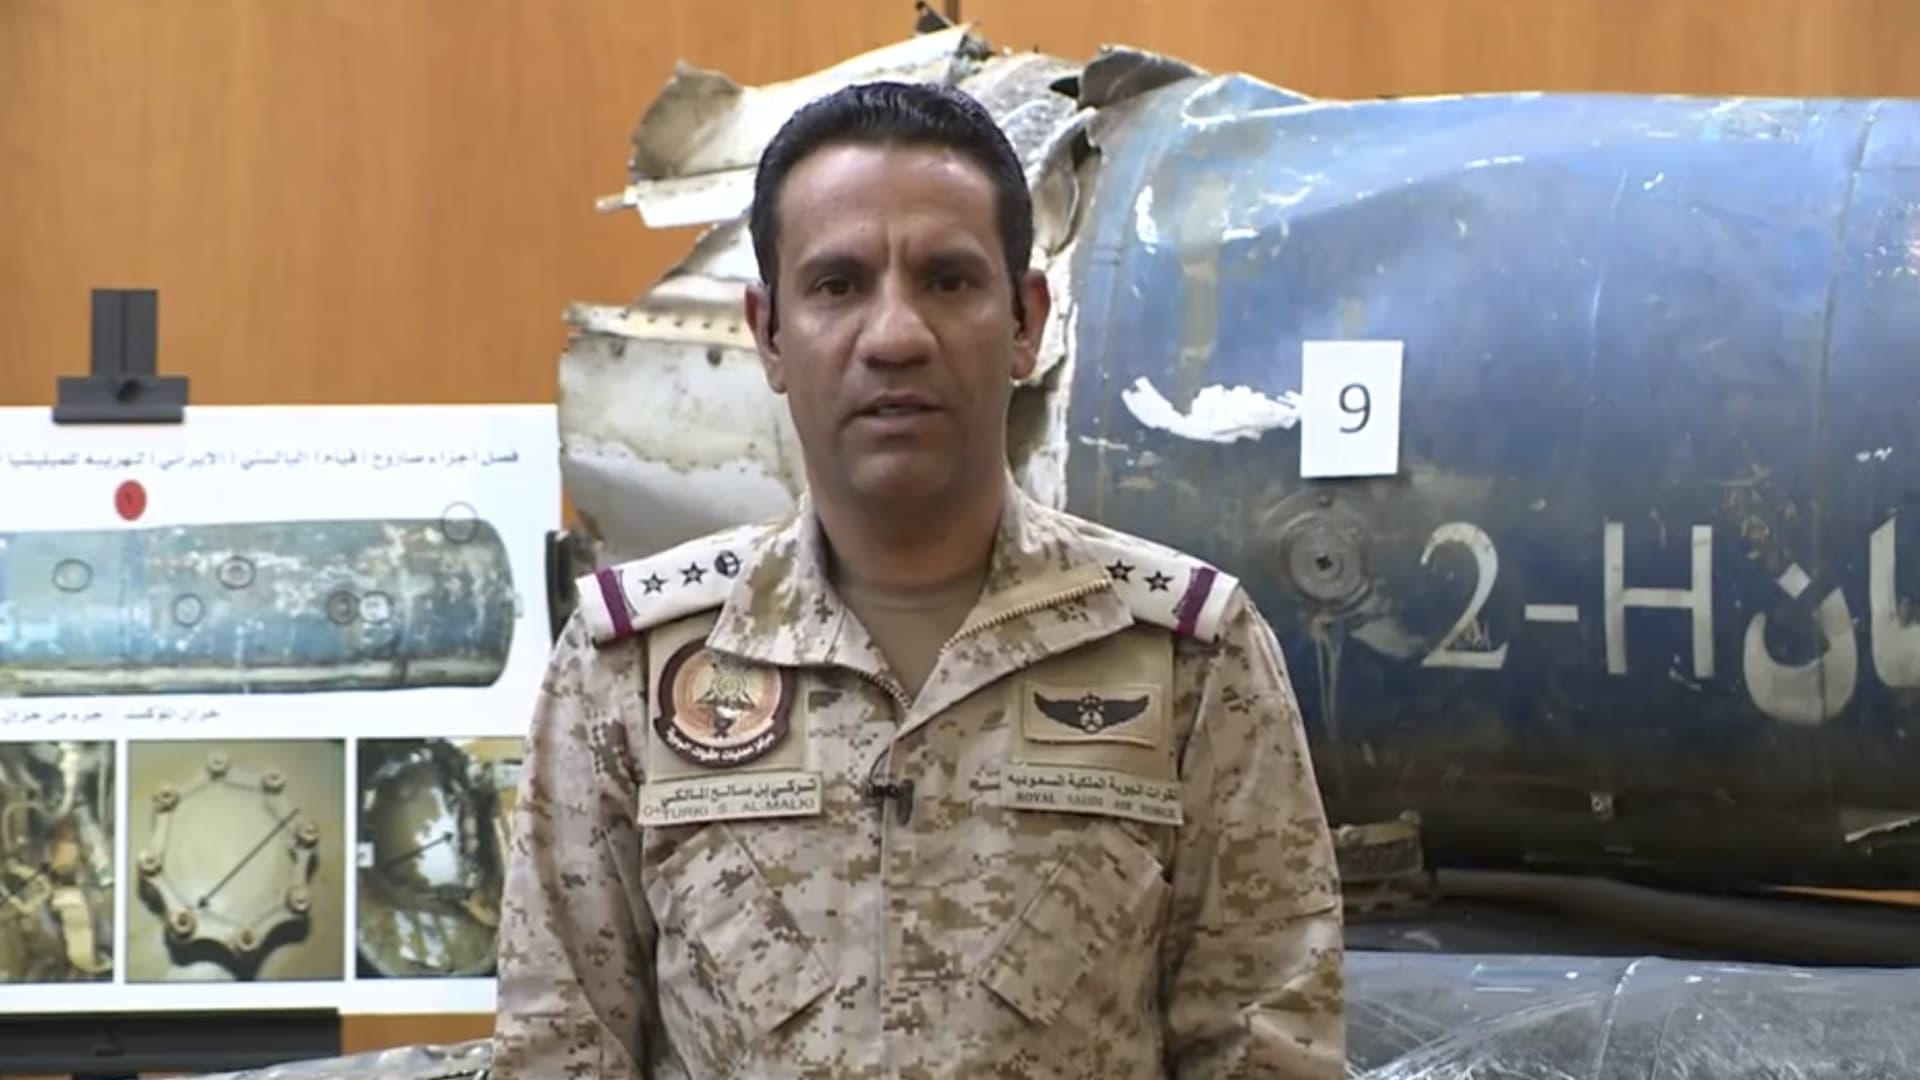 المالكي لـCNN: هكذا تقوم إيران بتهريب الأسلحة إلى الحوثيين